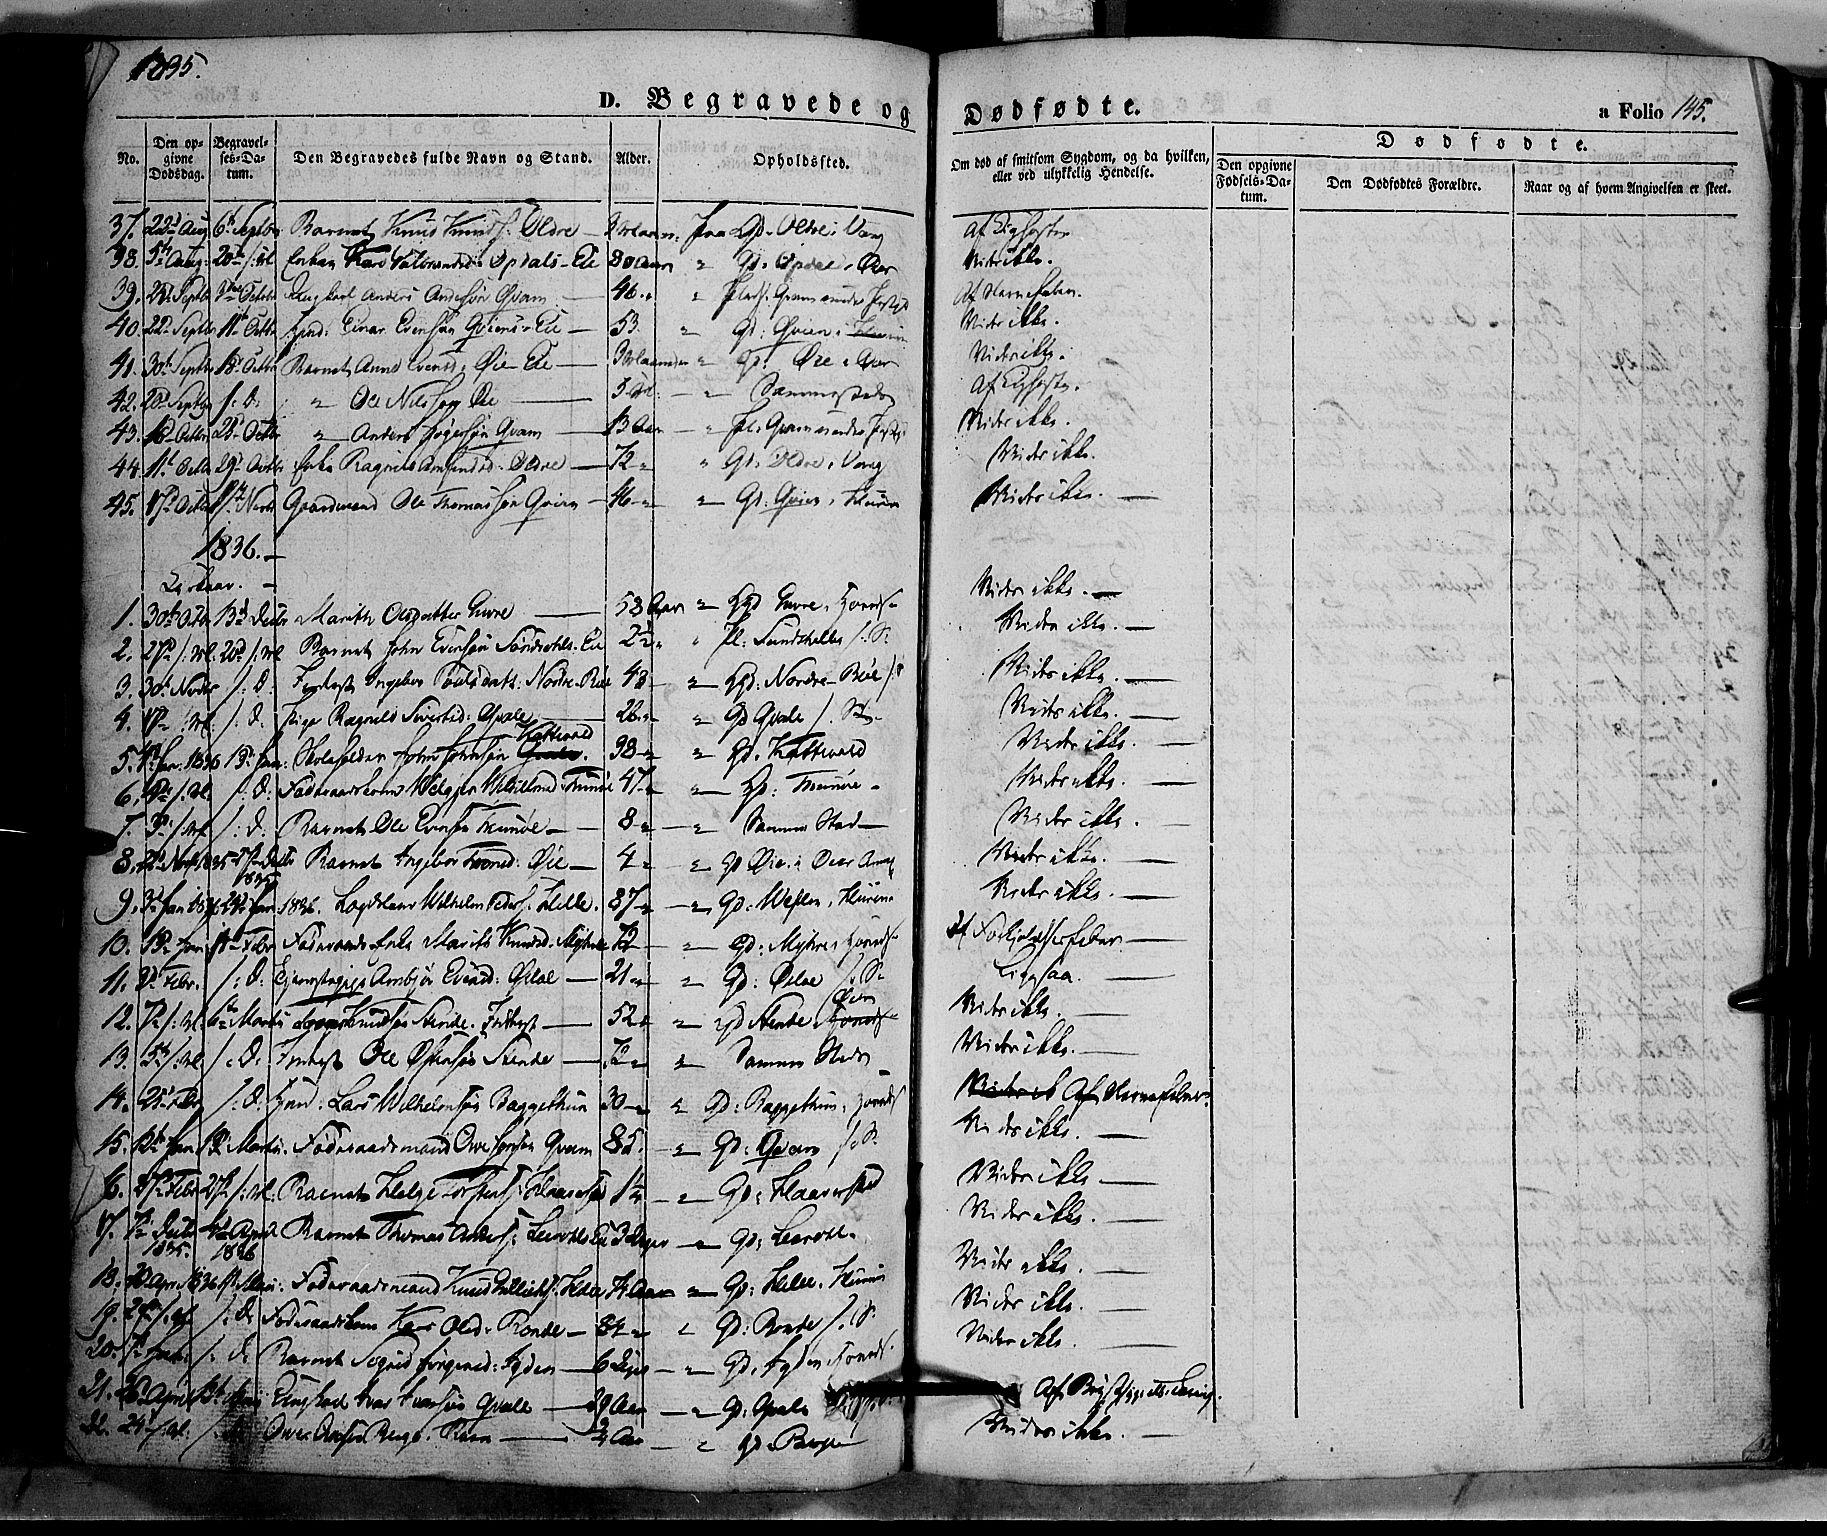 SAH, Vang prestekontor, Valdres, Ministerialbok nr. 5, 1831-1845, s. 145